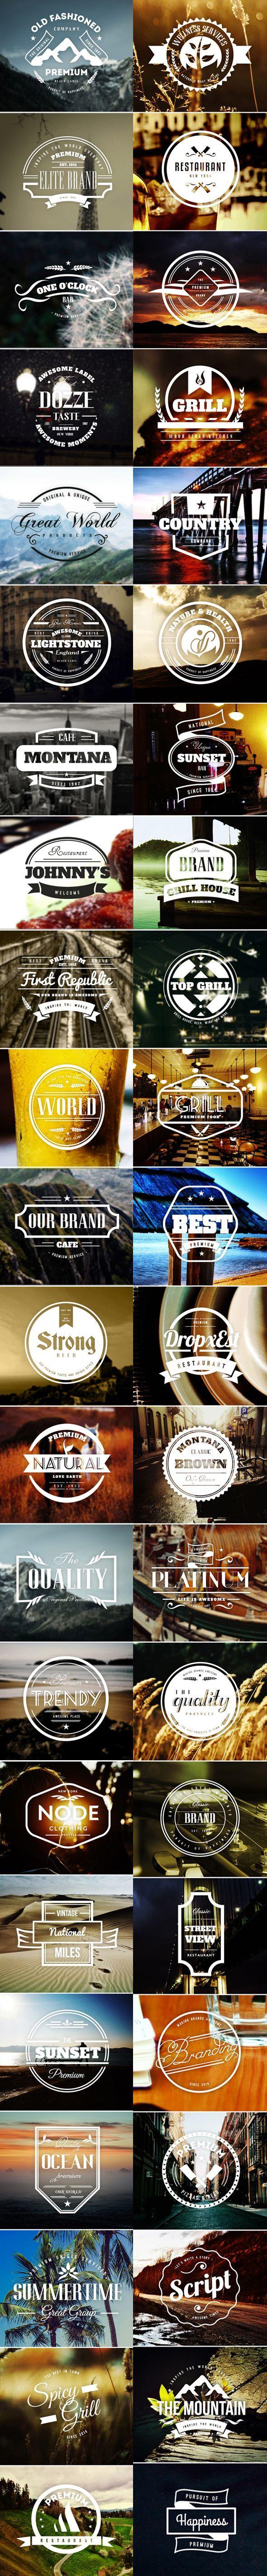 45 Vintage Labels & Badges Logos - Premium Bundle by Design District, via Behance: